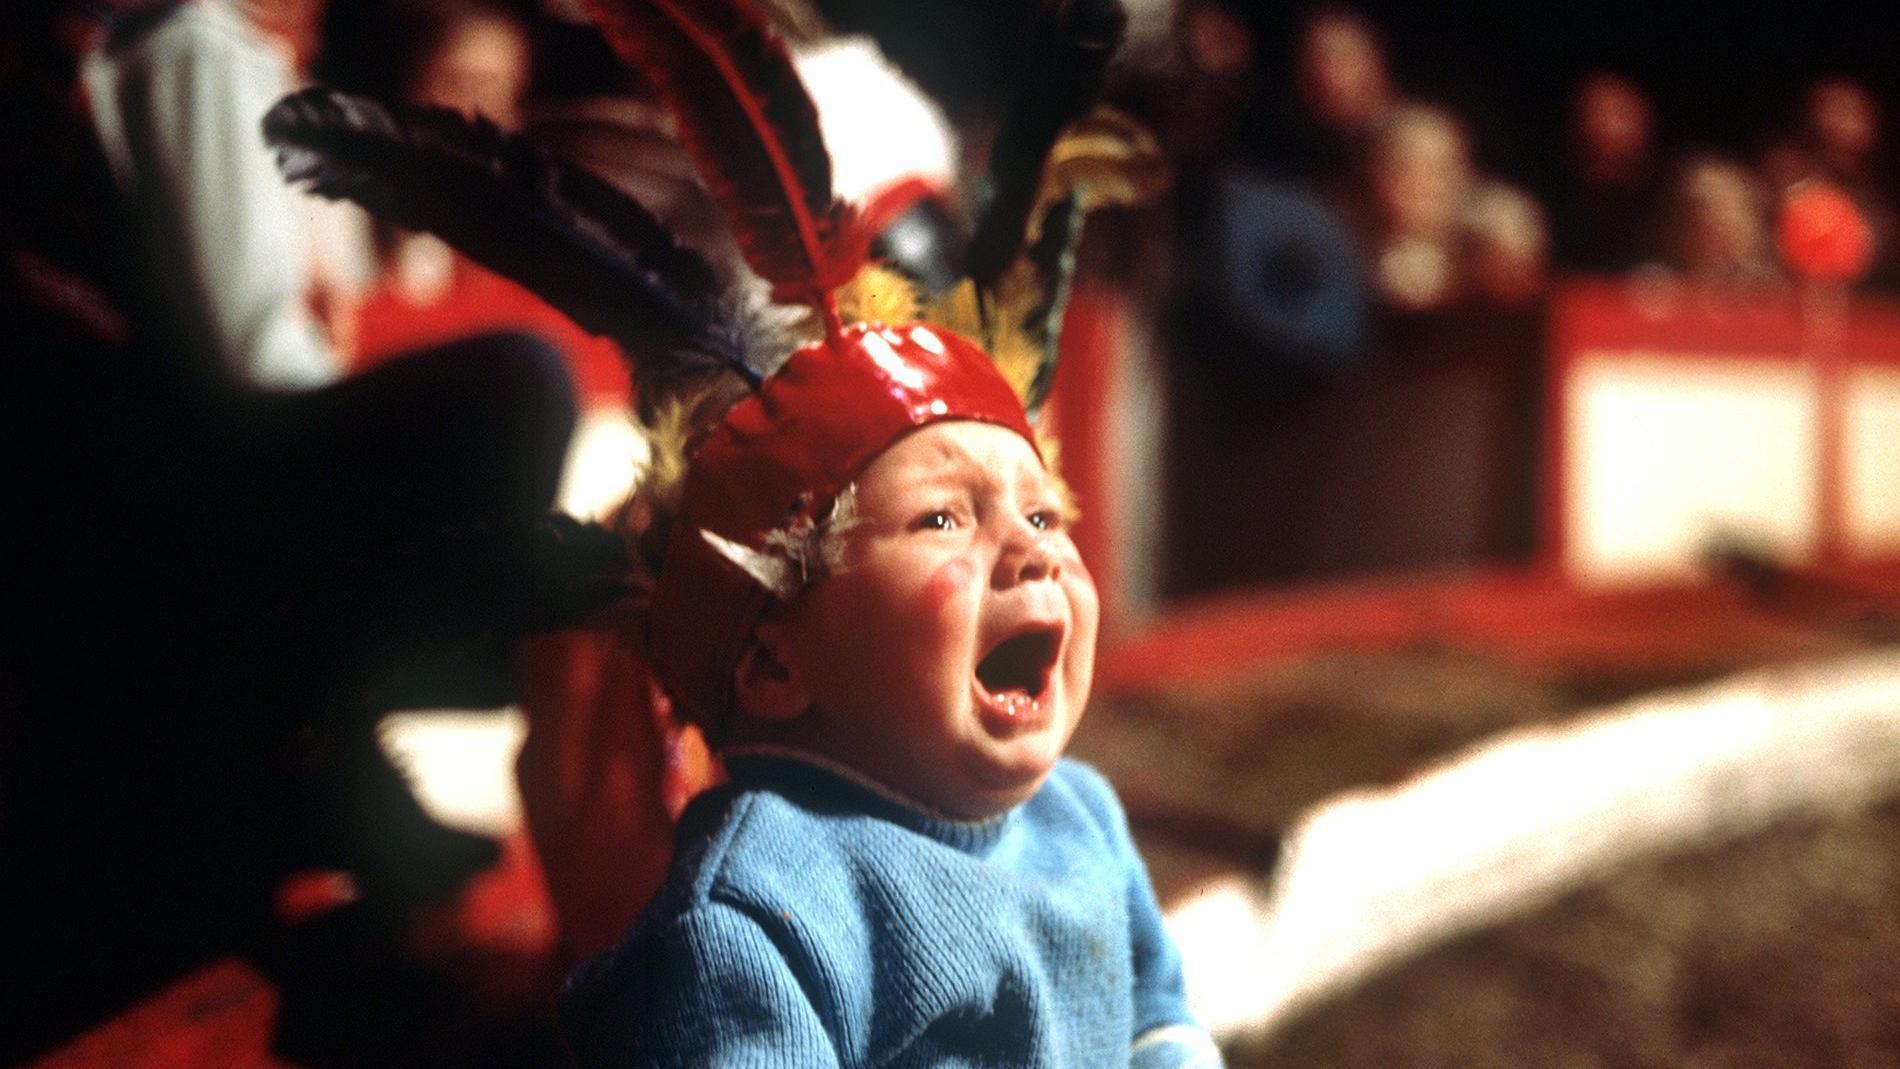 Einem kleinen als Indianer verkleideten Jungen scheint das Kinderfaschingsfest im Zirkus Roland nicht zu gefallen.